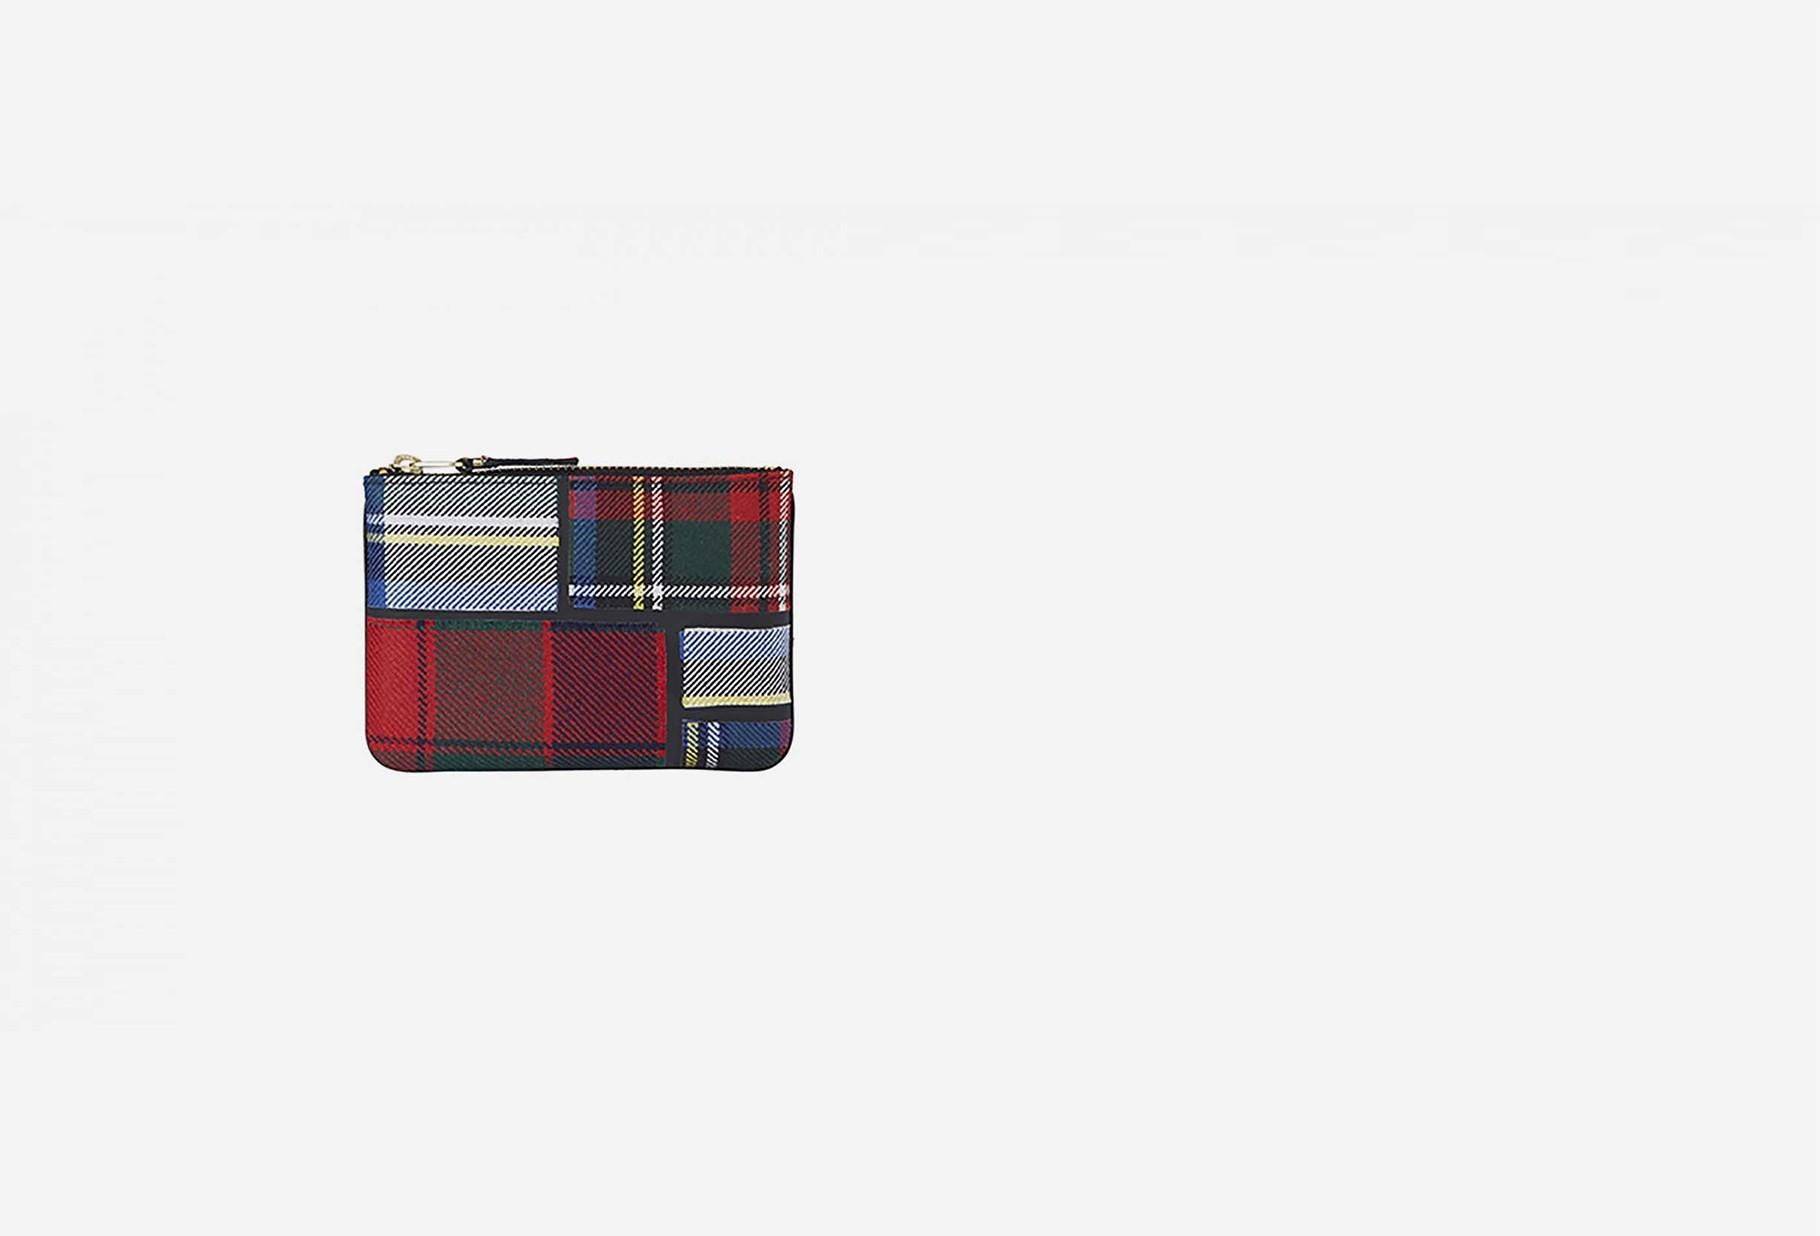 COMME DES GARÇONS WALLETS / Cdg wallet tartan patchwork Sa8100tp red